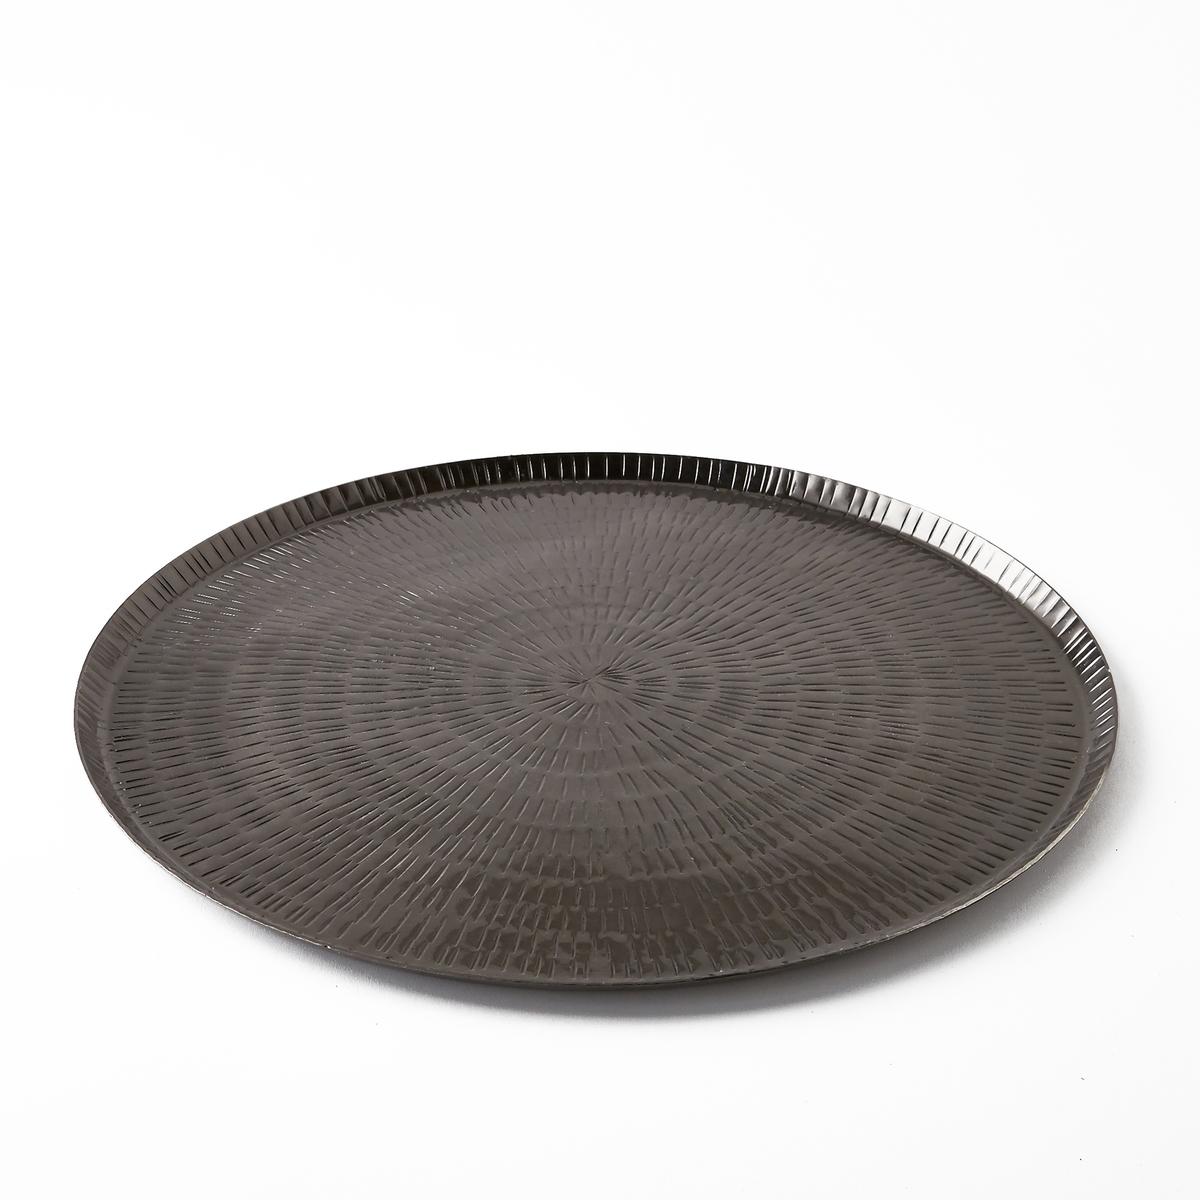 Поднос металлический кованый Sahani, диаметр 35 см<br><br>Цвет: темно-серый